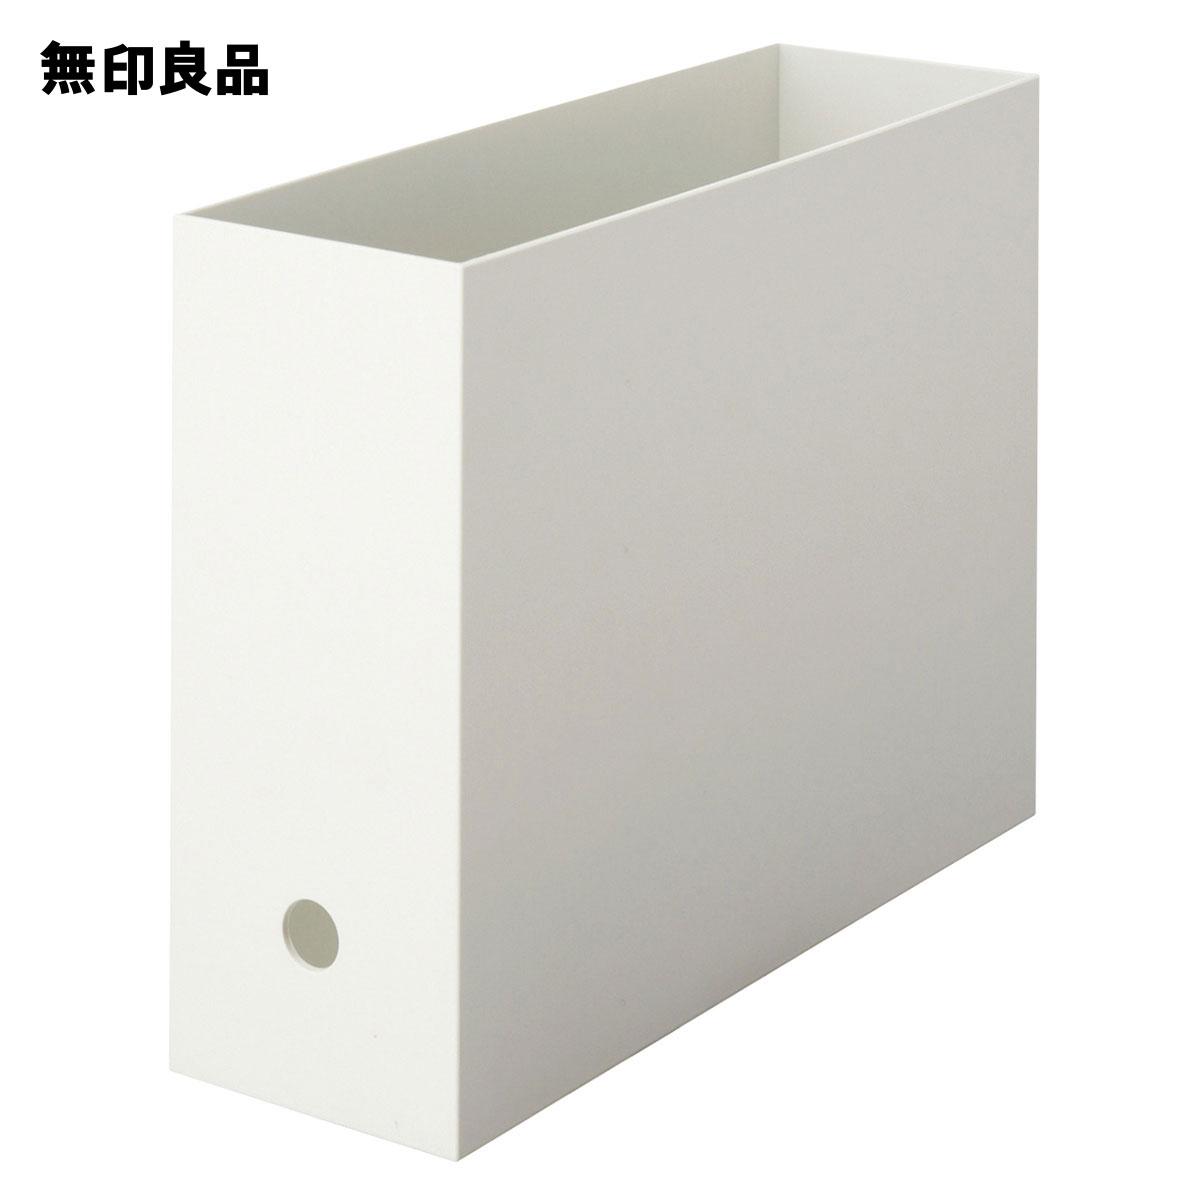 無印良品 ポリプロピレンファイルボックス スタンダードタイプ ワイド A4用